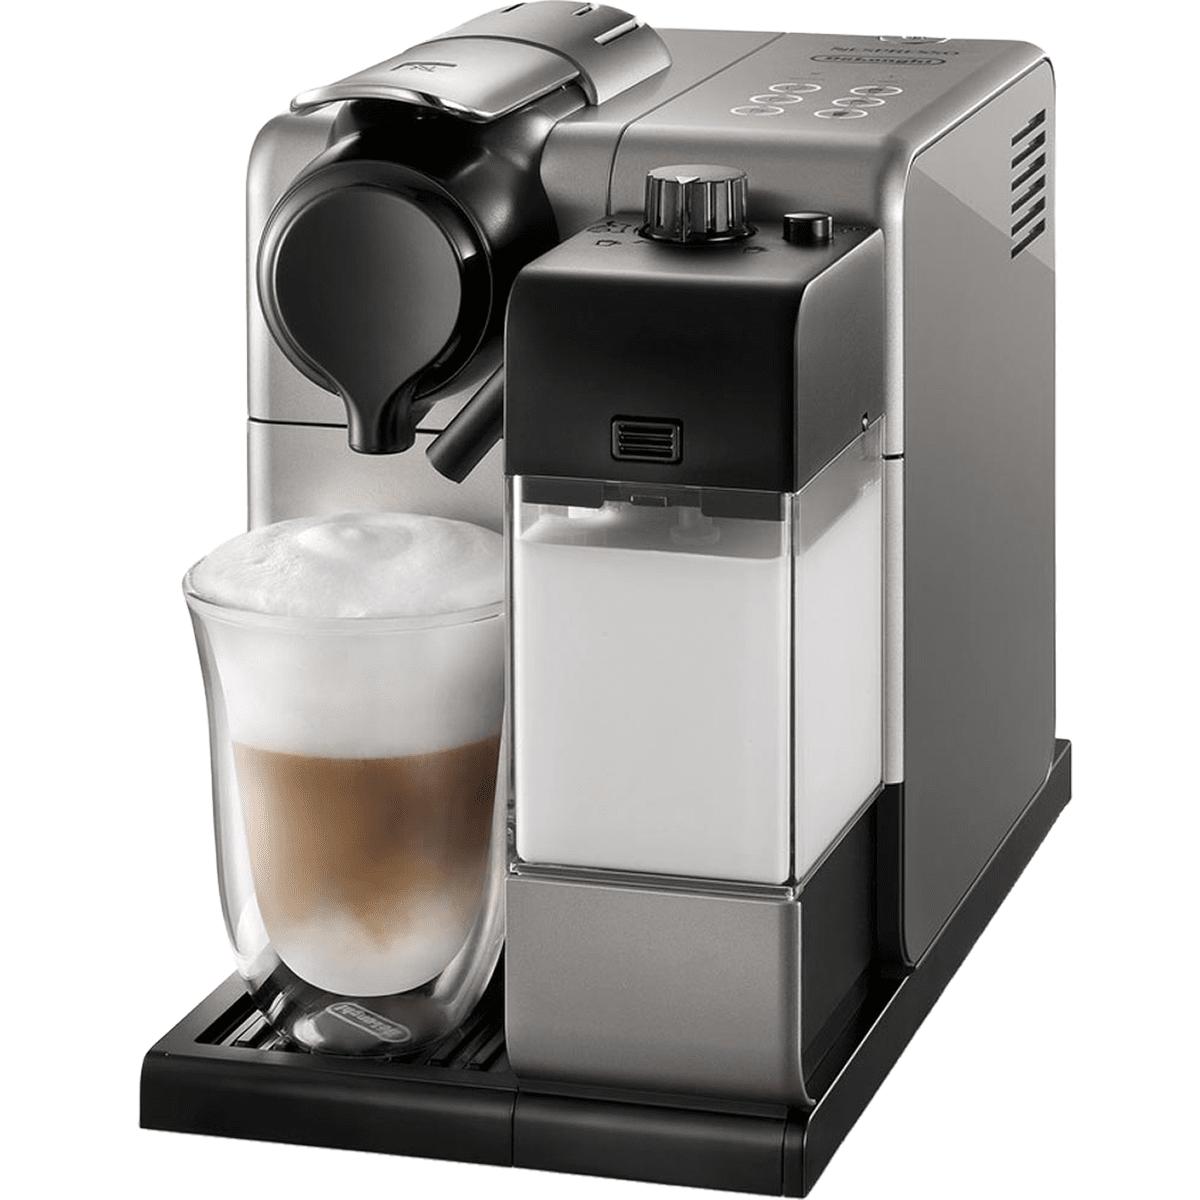 DeLonghi EN550 Lattissima Touch Espresso Machine Silver - EN550S